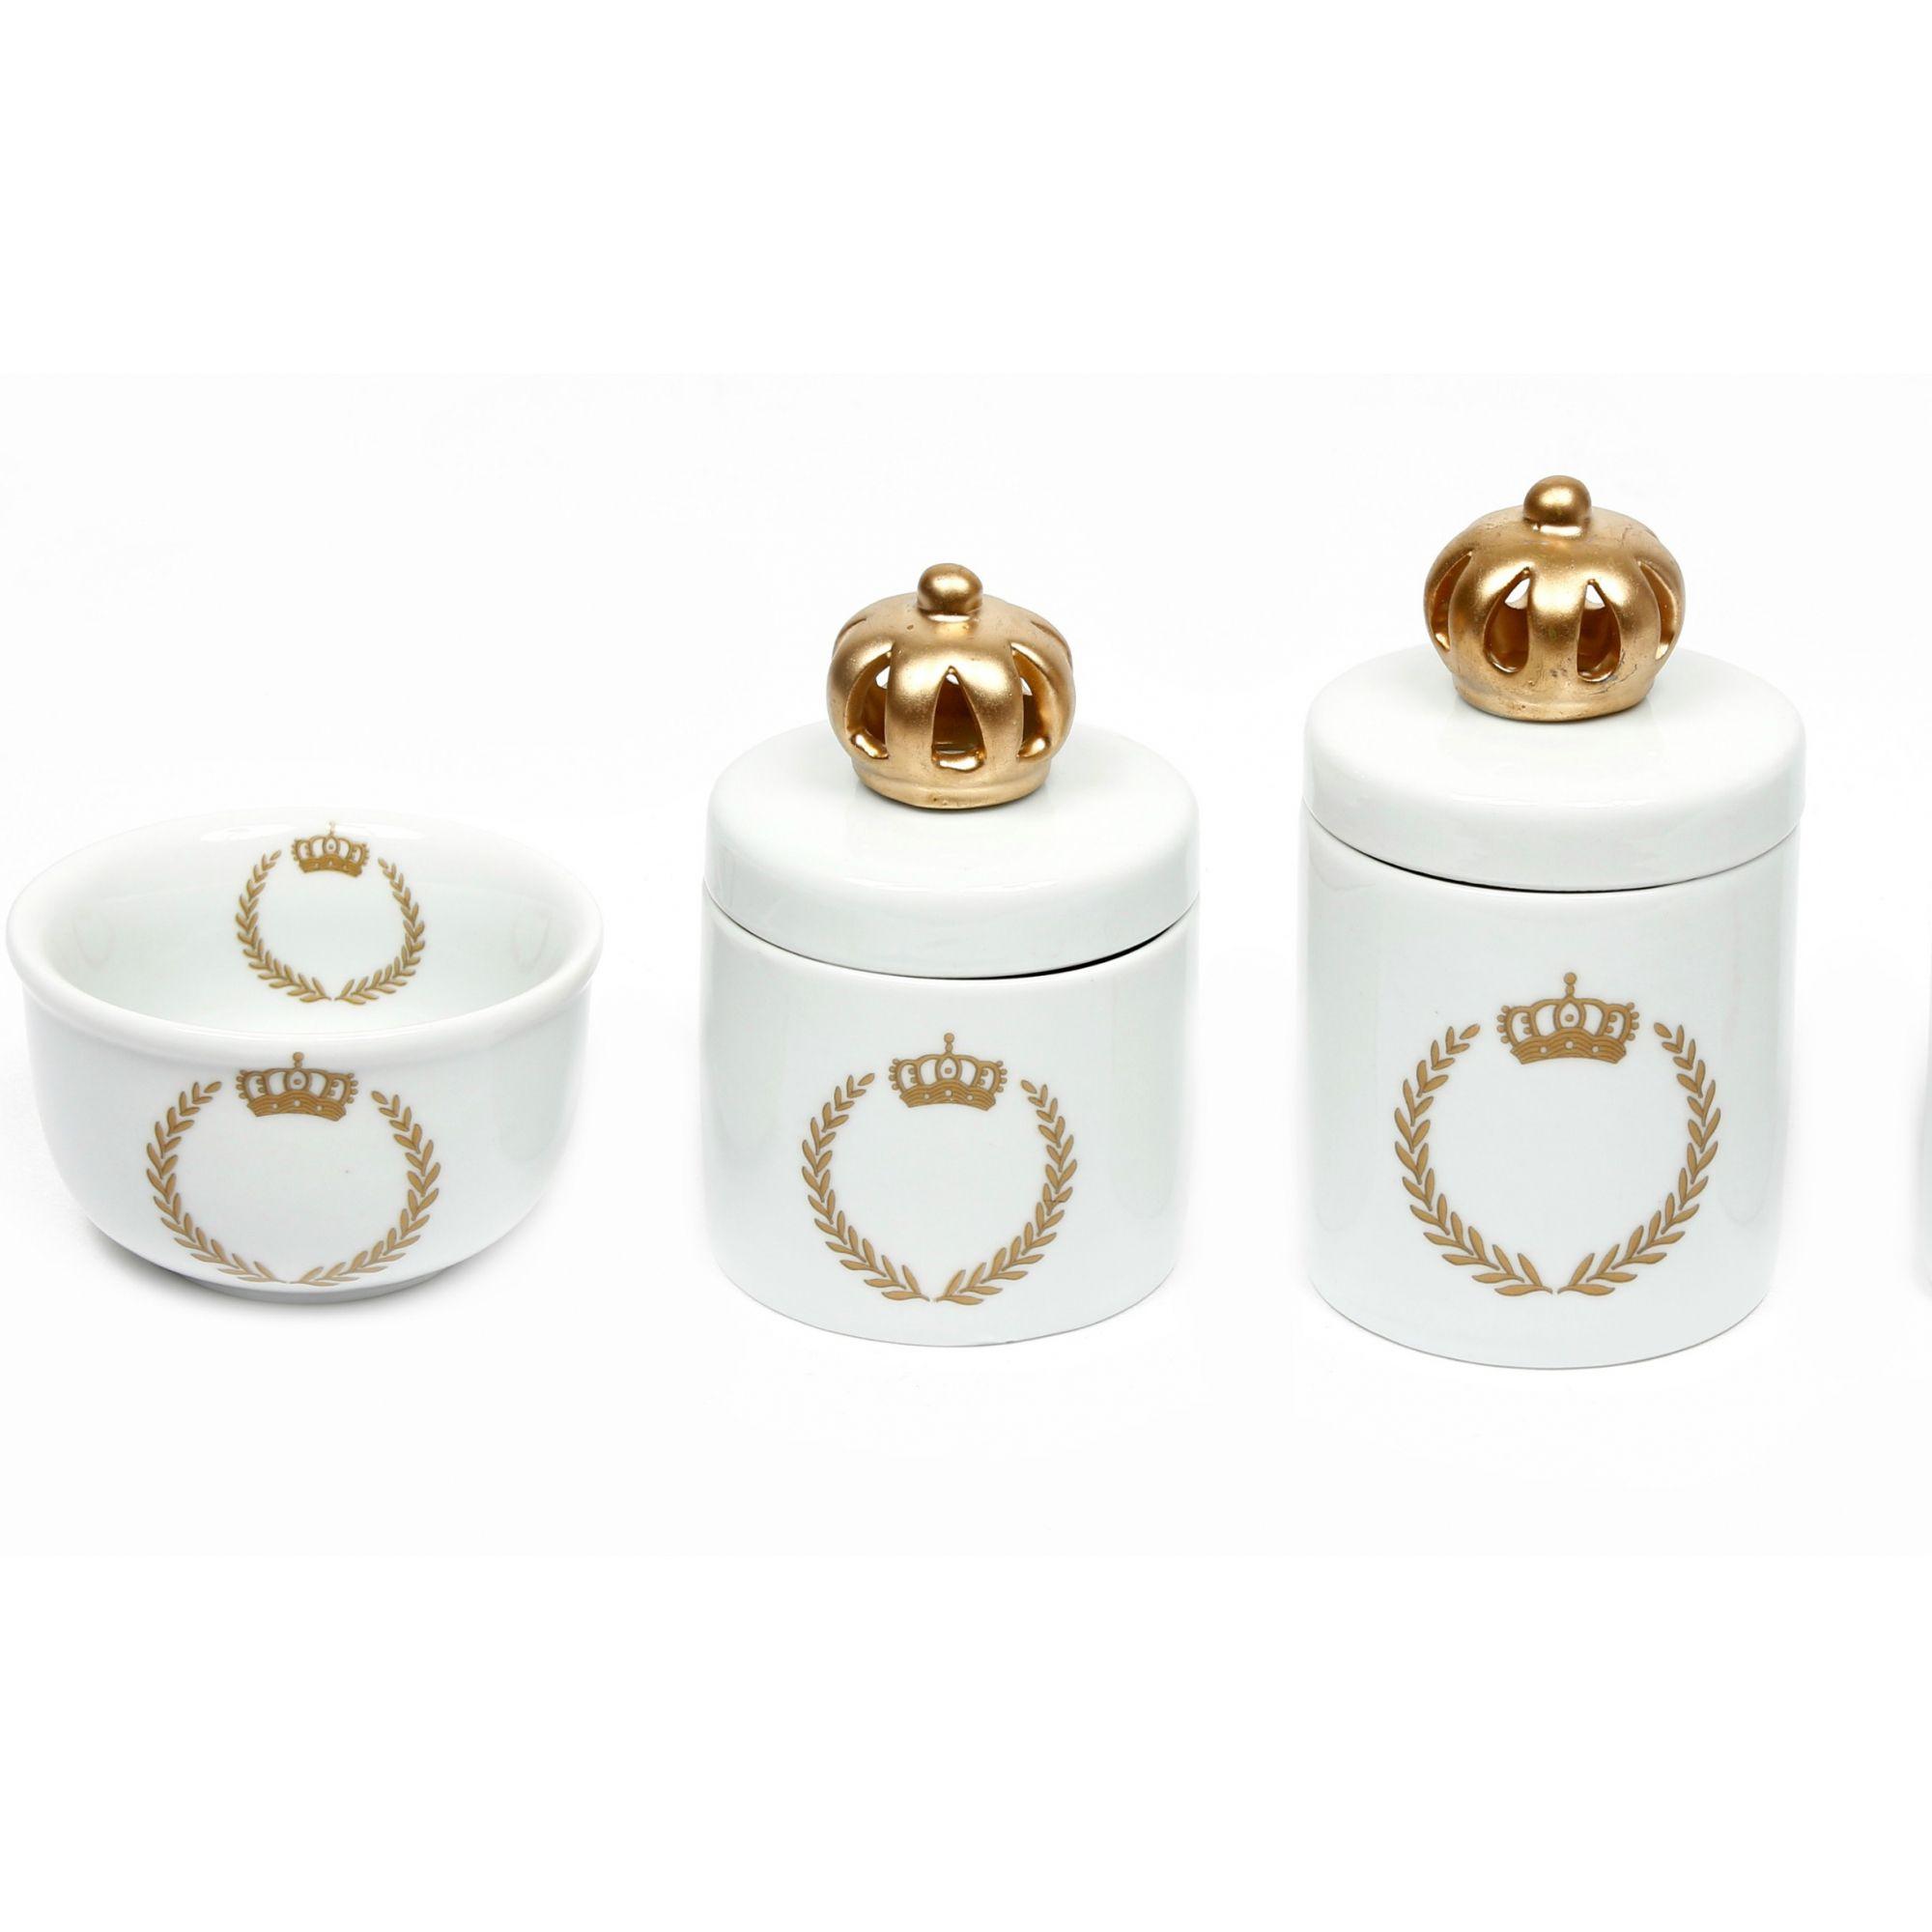 Kit Higiene Bebê Porcelana |Coroa Dourada Brasão com Aplique de Coroa Dourada |